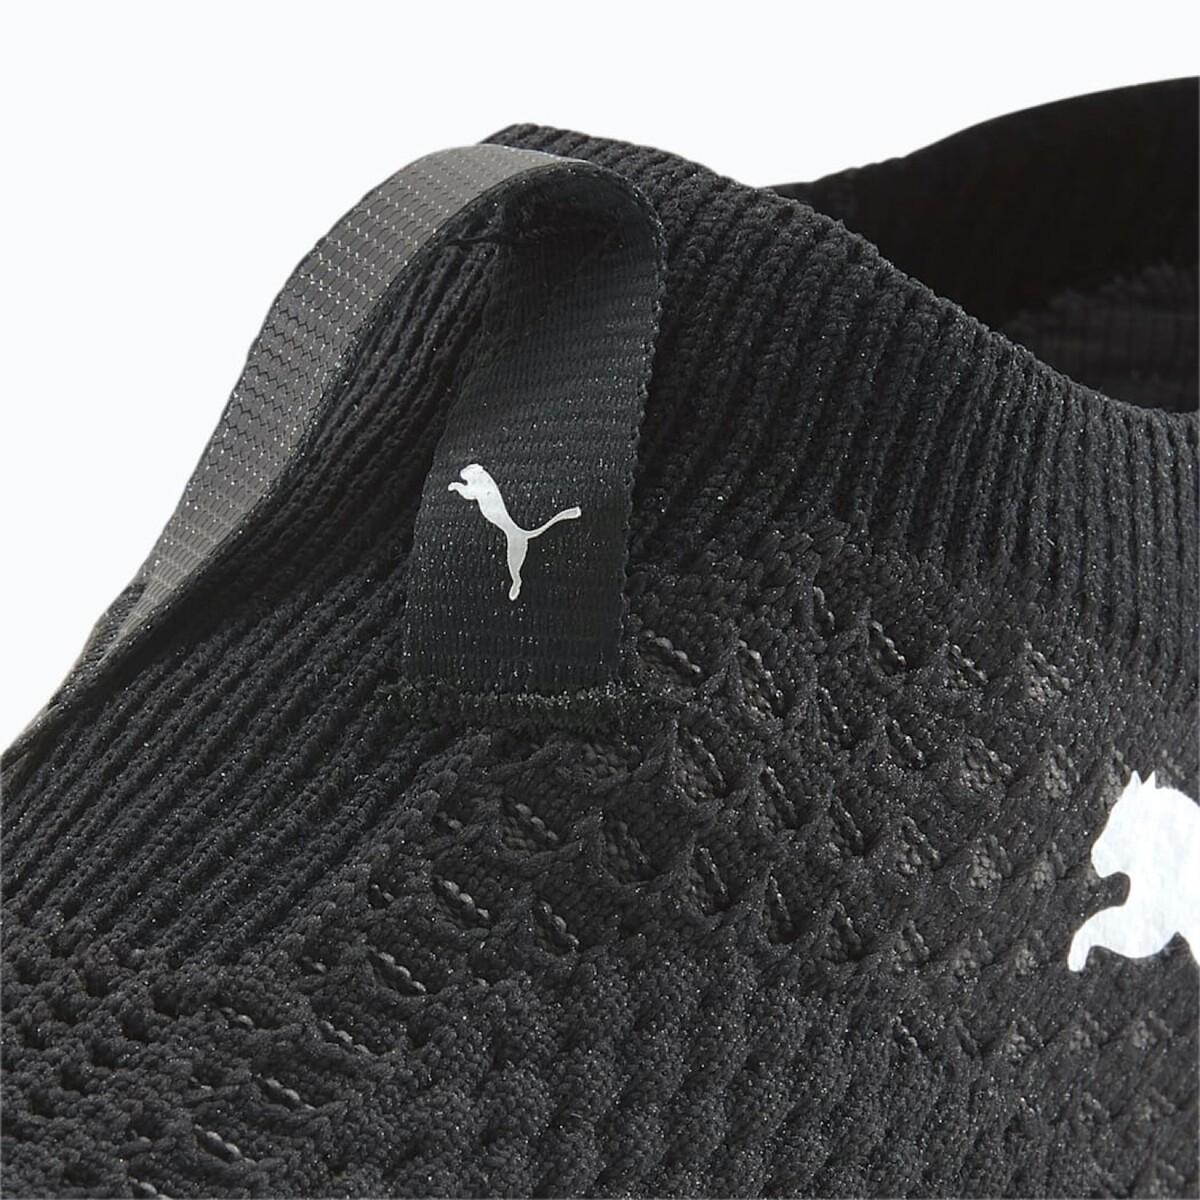 Puma verkauft Active Gaming Schuhe für 90 Euro